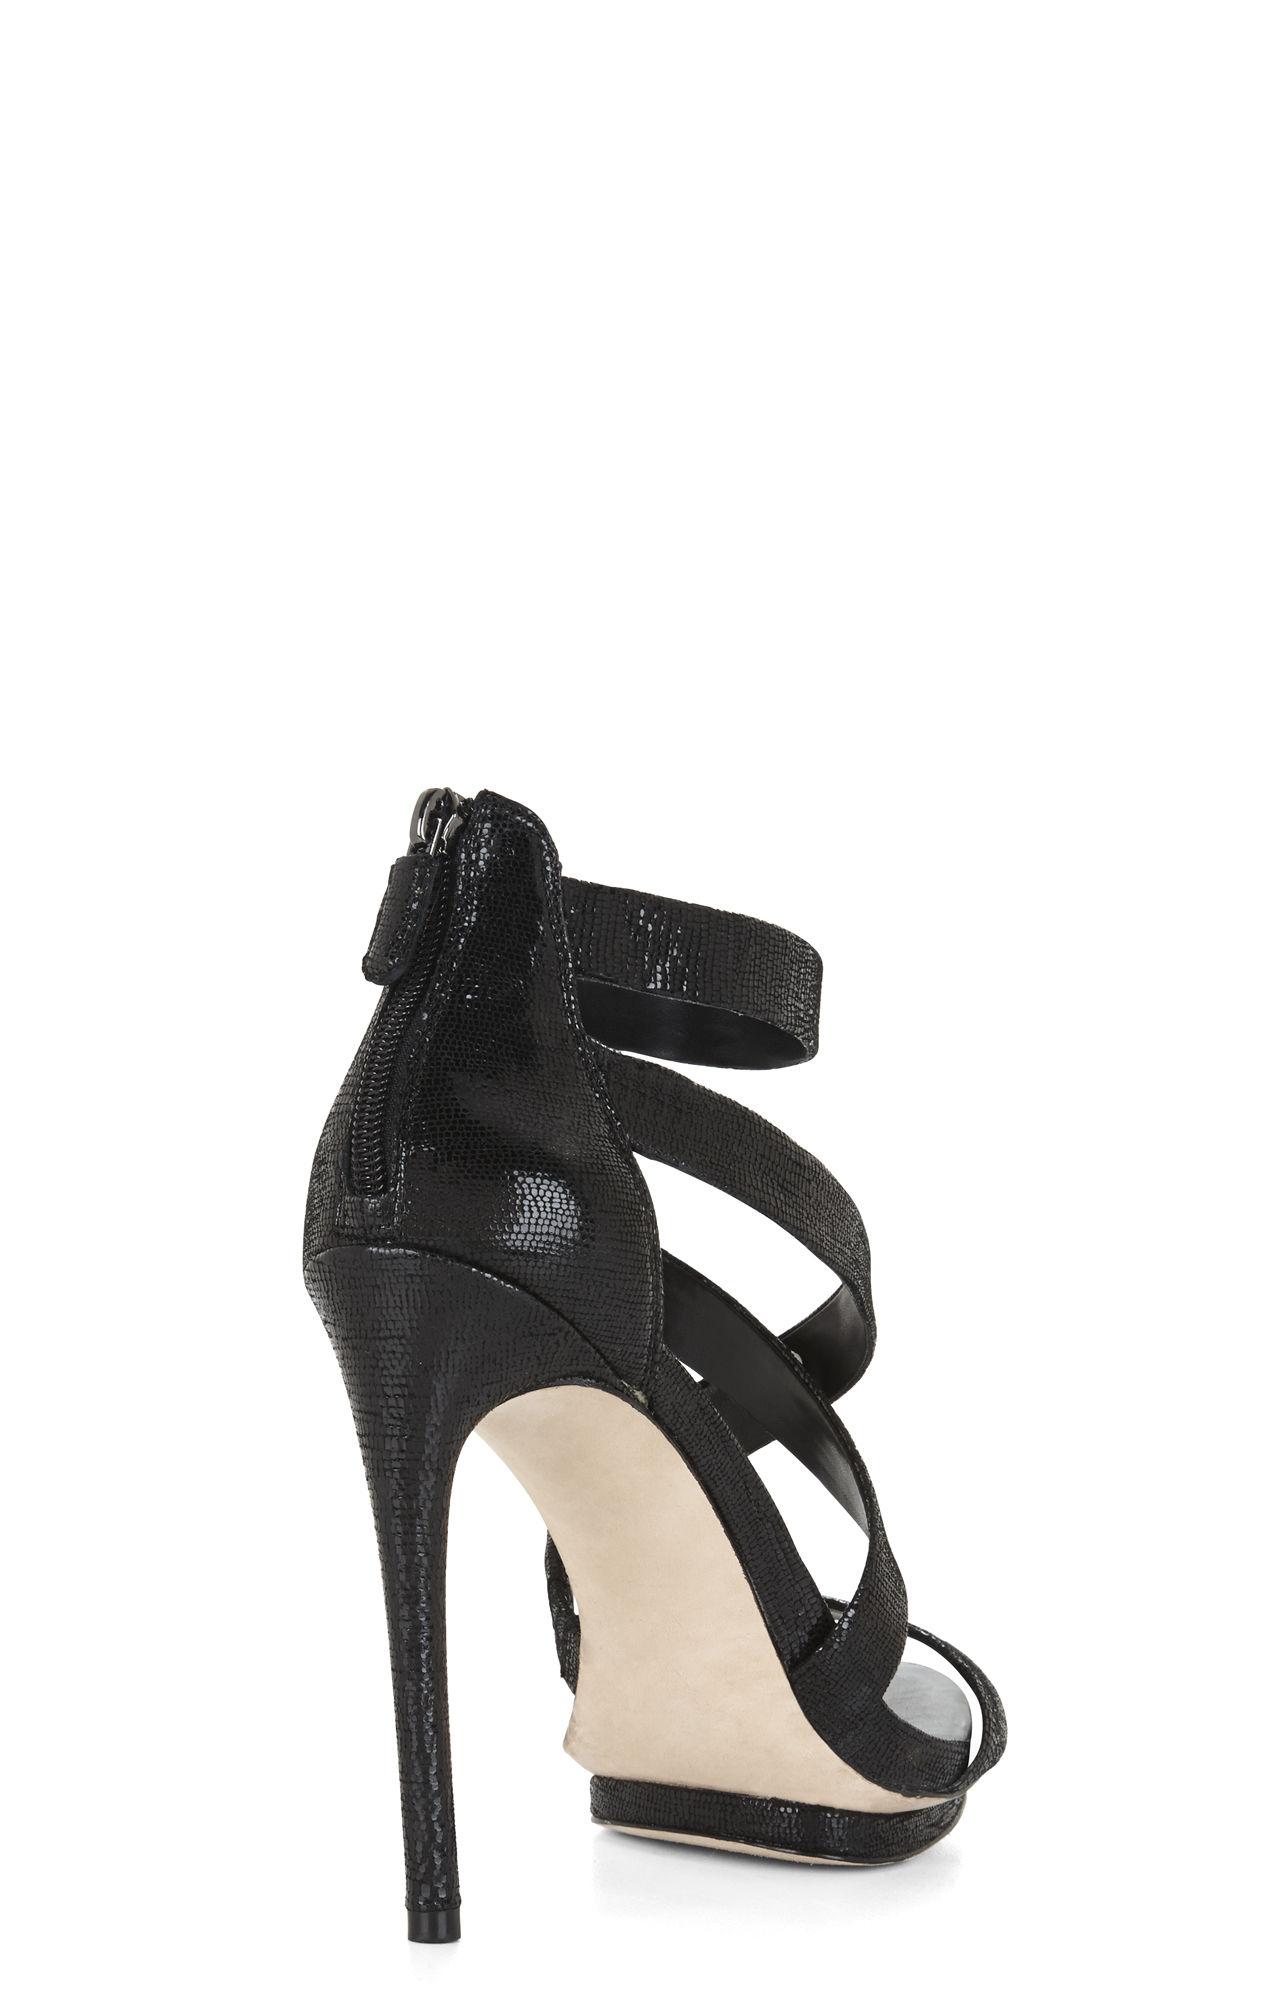 0a2f9a4b674 Lyst - BCBGMAXAZRIA Leemour Strappy High-Heel Sandal in Black